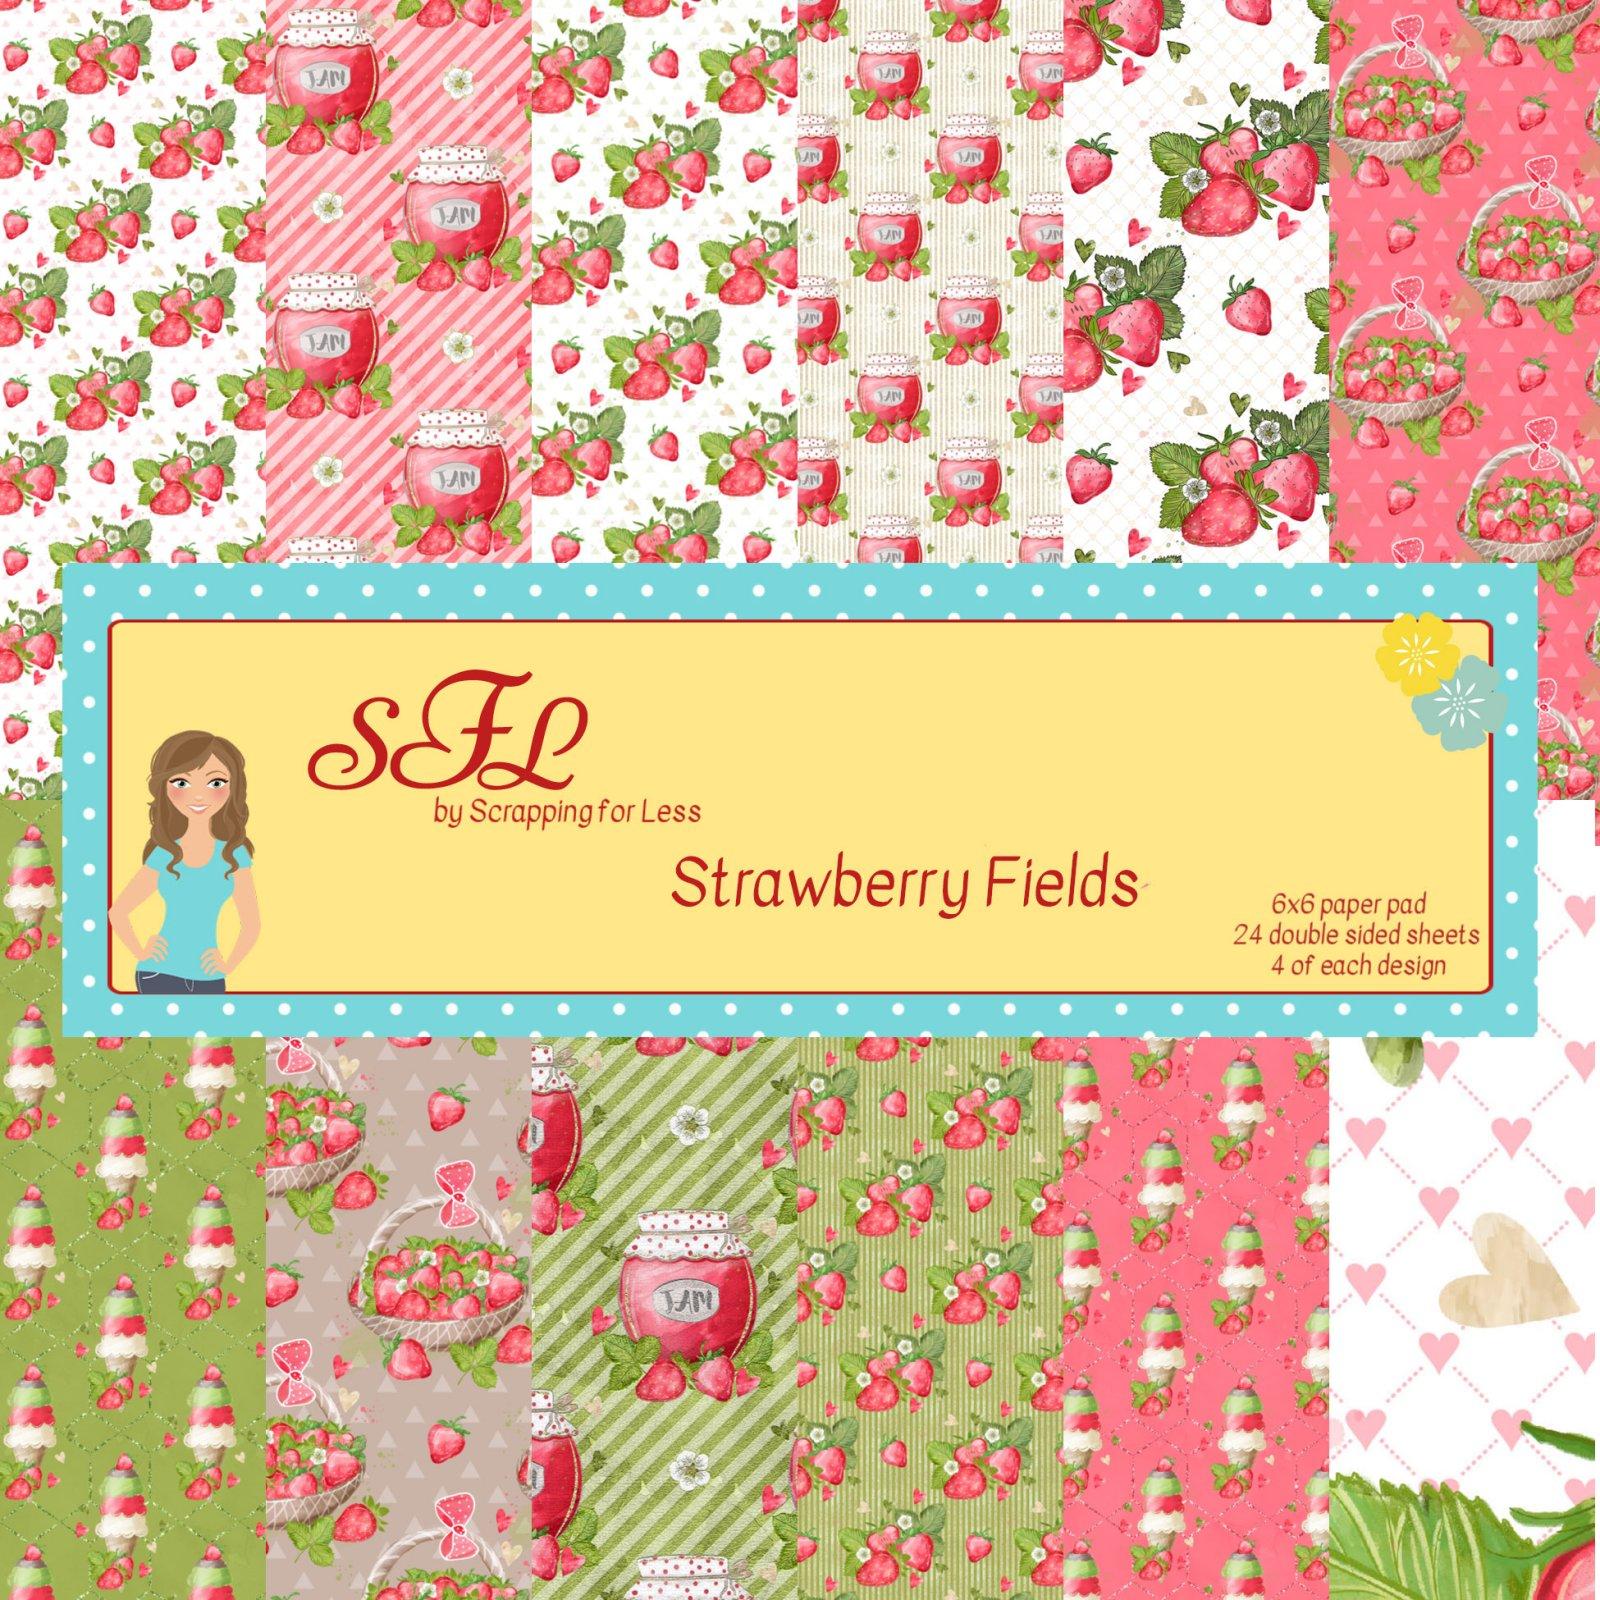 SFL Strawberry Fields 6x6 Paper Pad